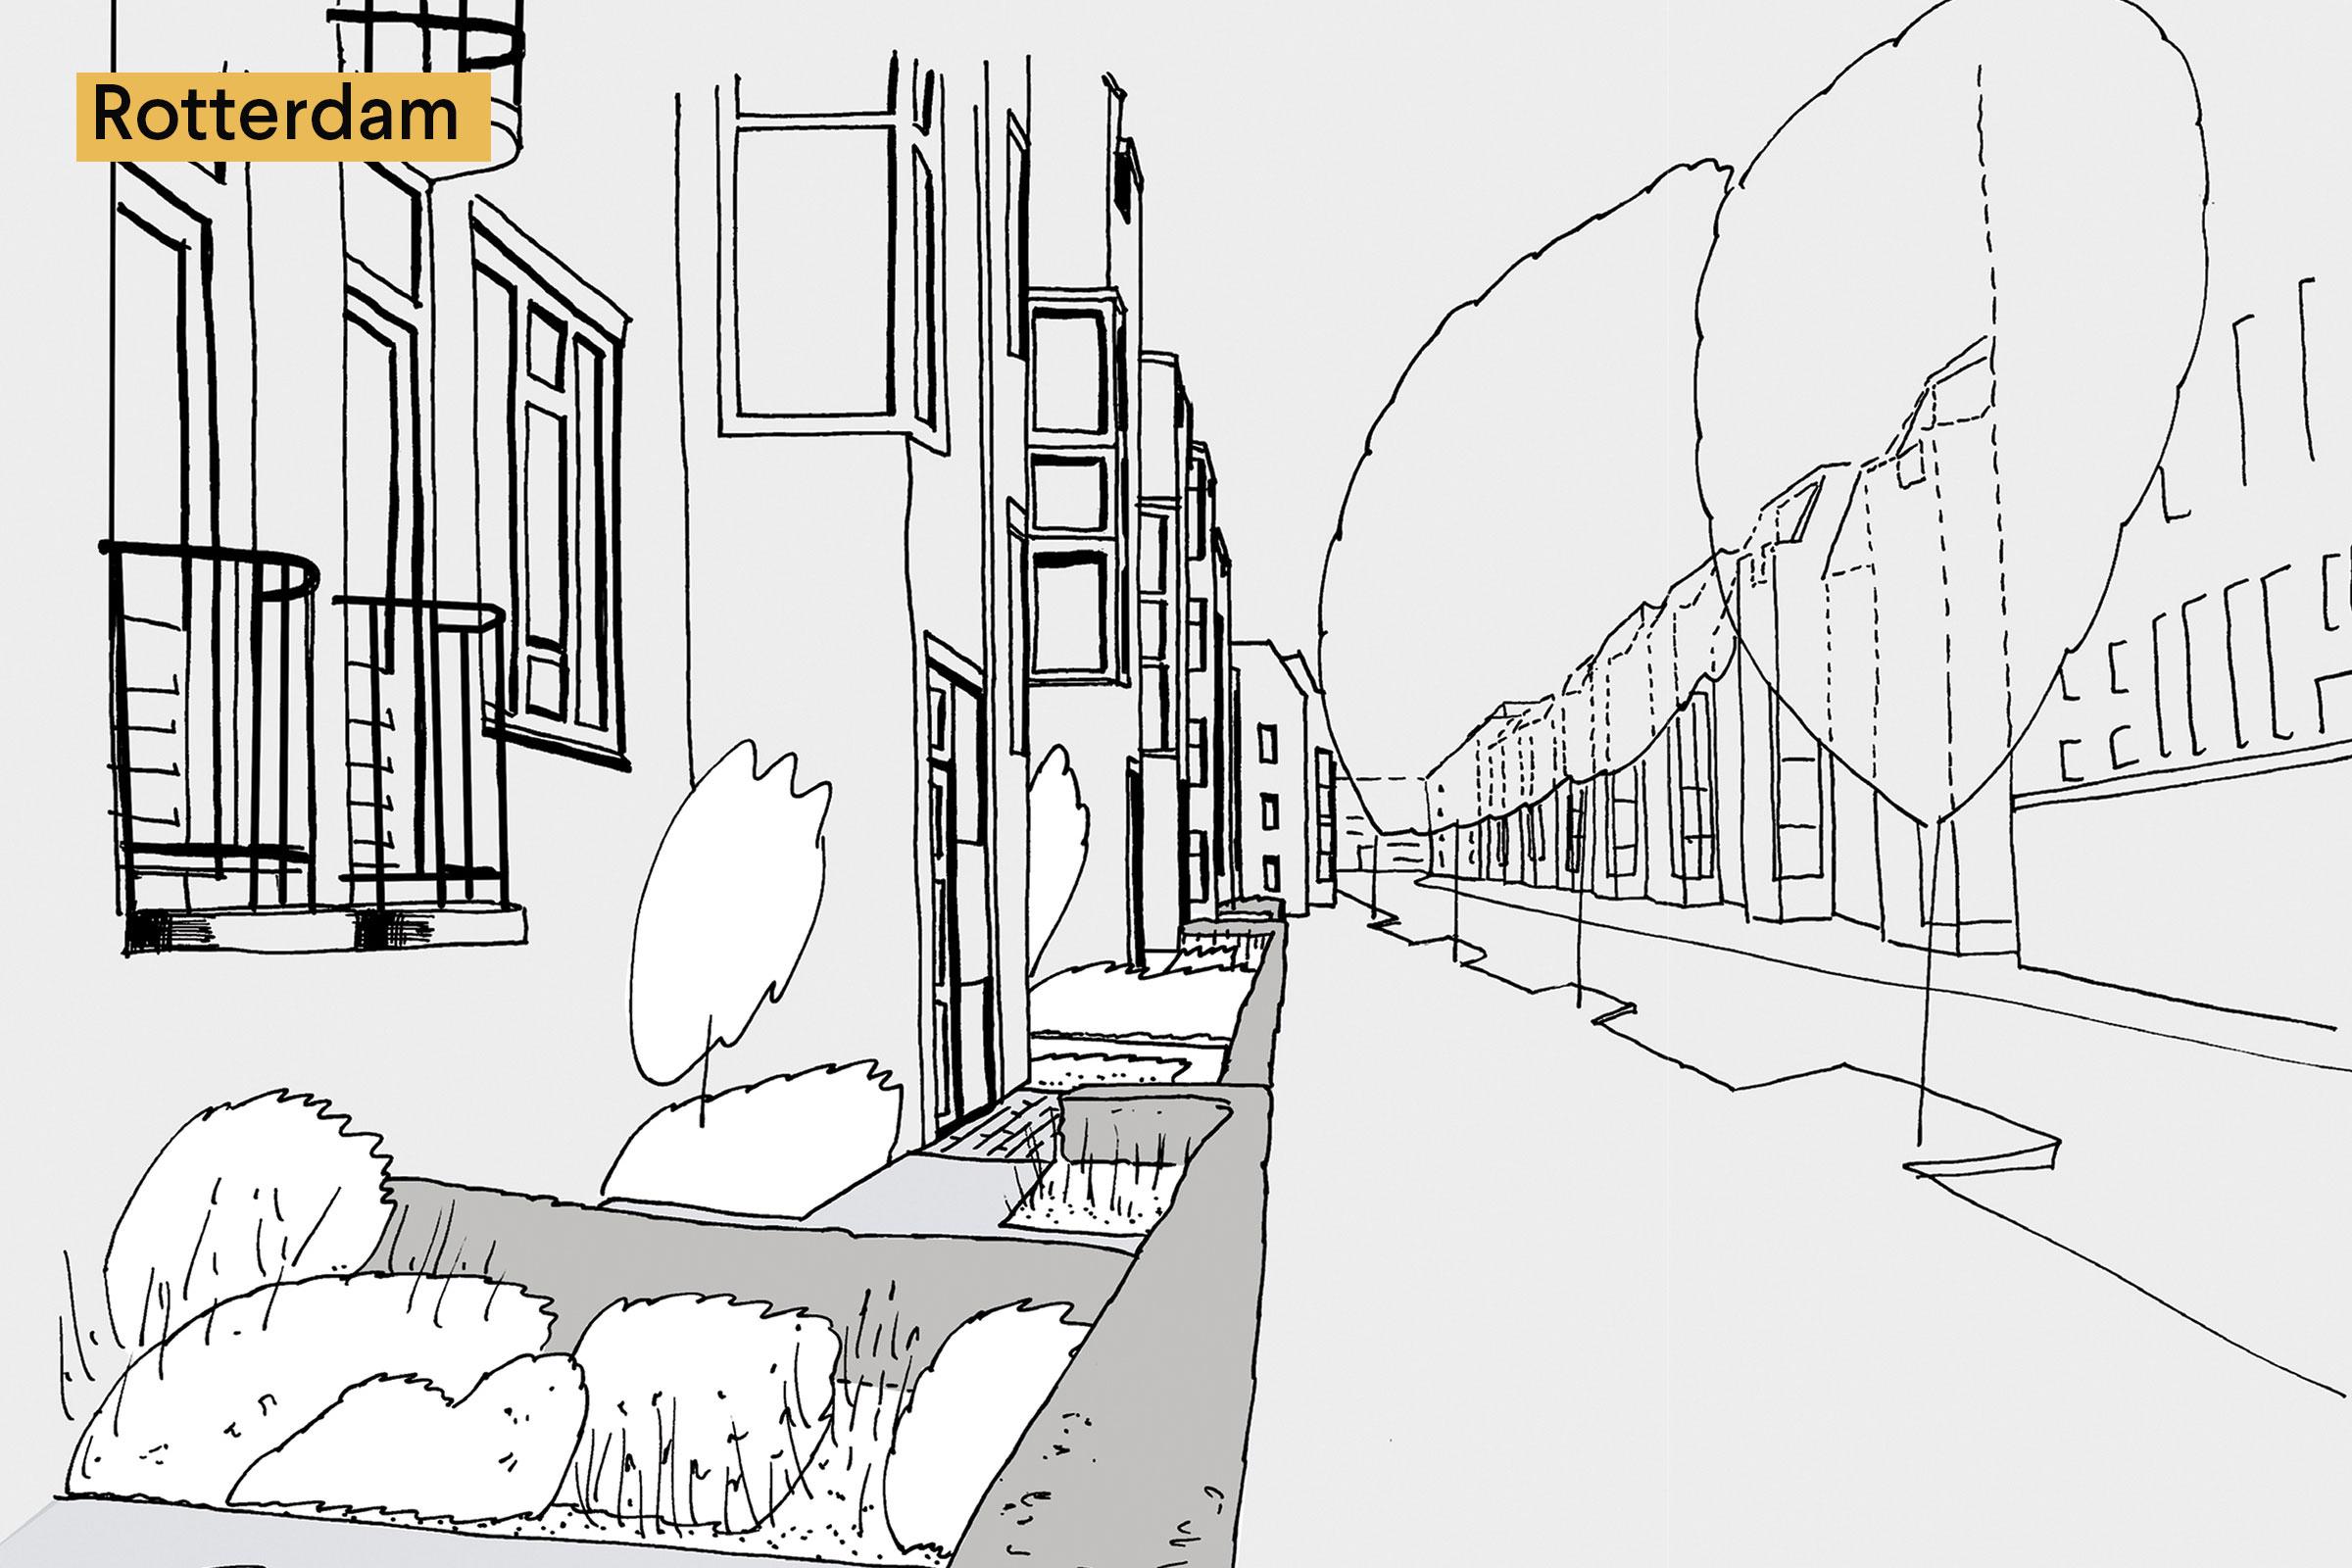 Wolbert van Dijk - landscape/urbanism